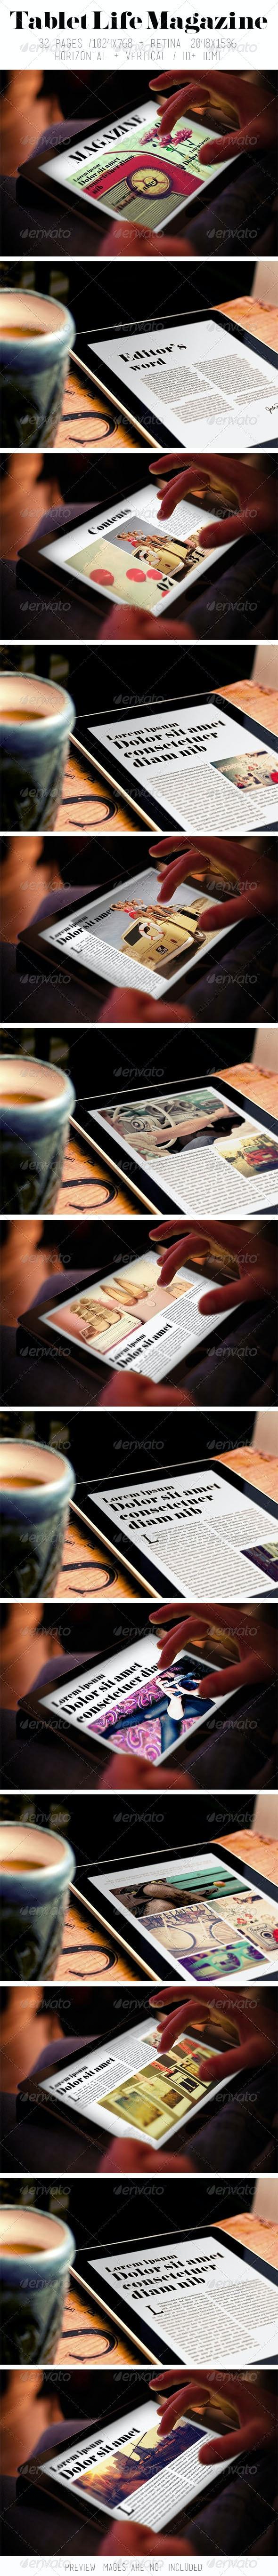 iPad & Tablet Life Magazine - Digital Magazines ePublishing